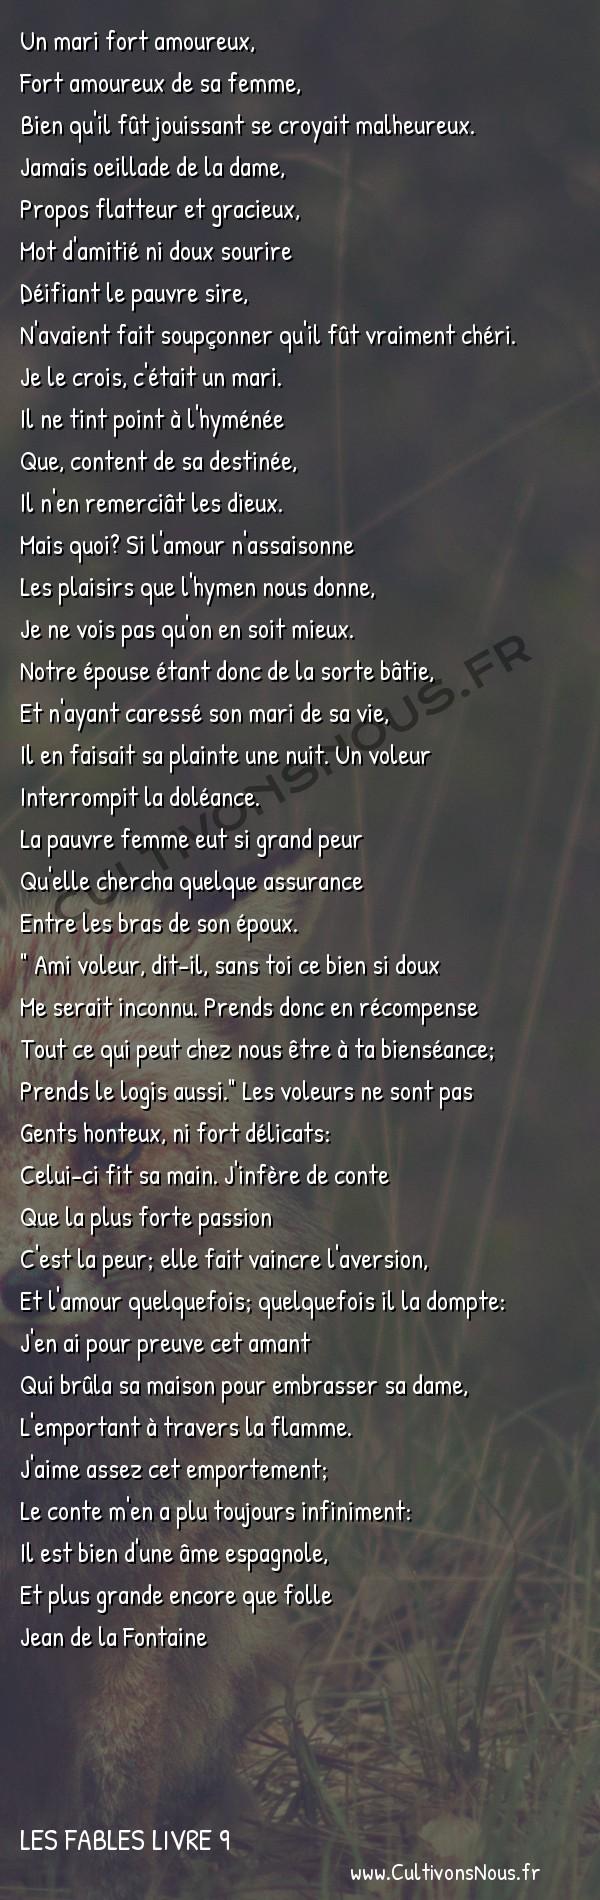 Fables Jean de la Fontaine - Les fables Livre 9 - Le Mari la Femme et le Voleur -   Un mari fort amoureux, Fort amoureux de sa femme,